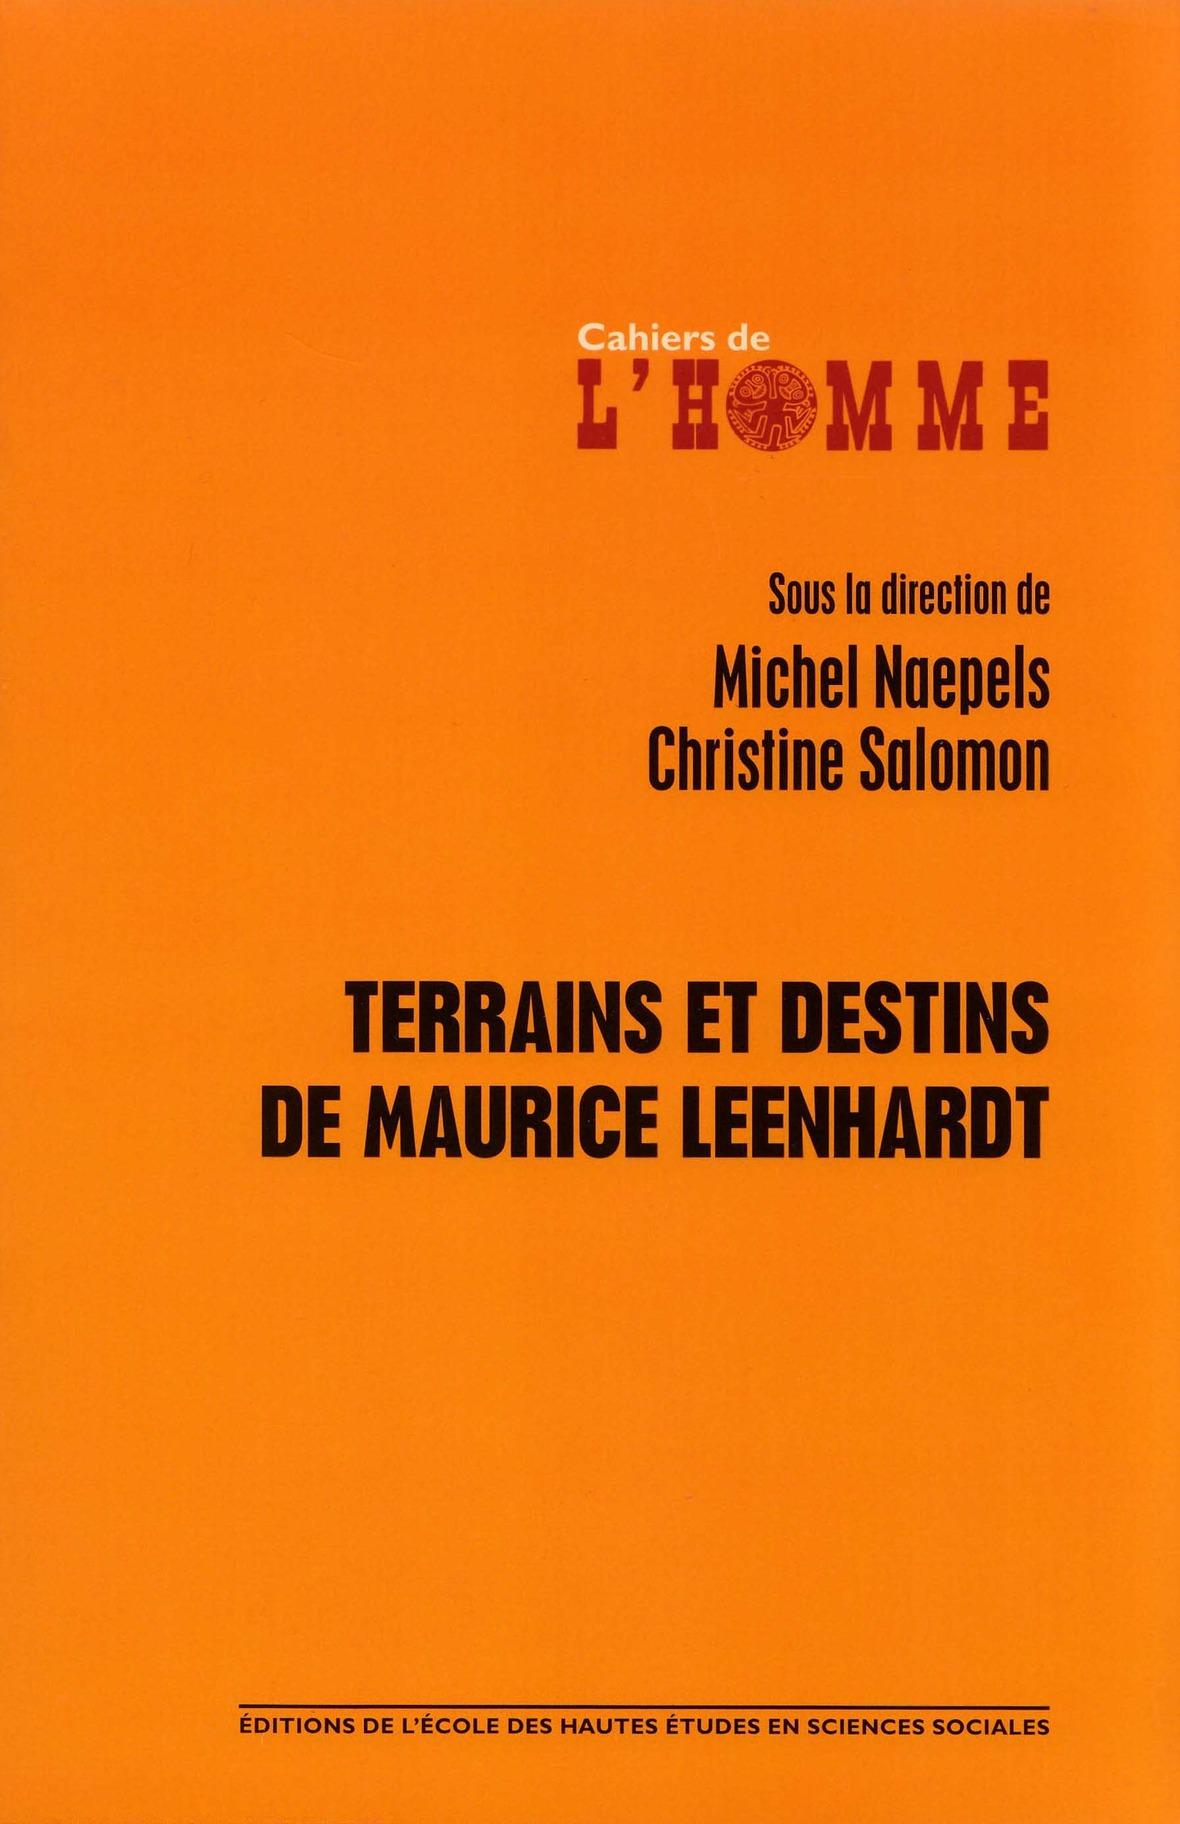 Leenhardt